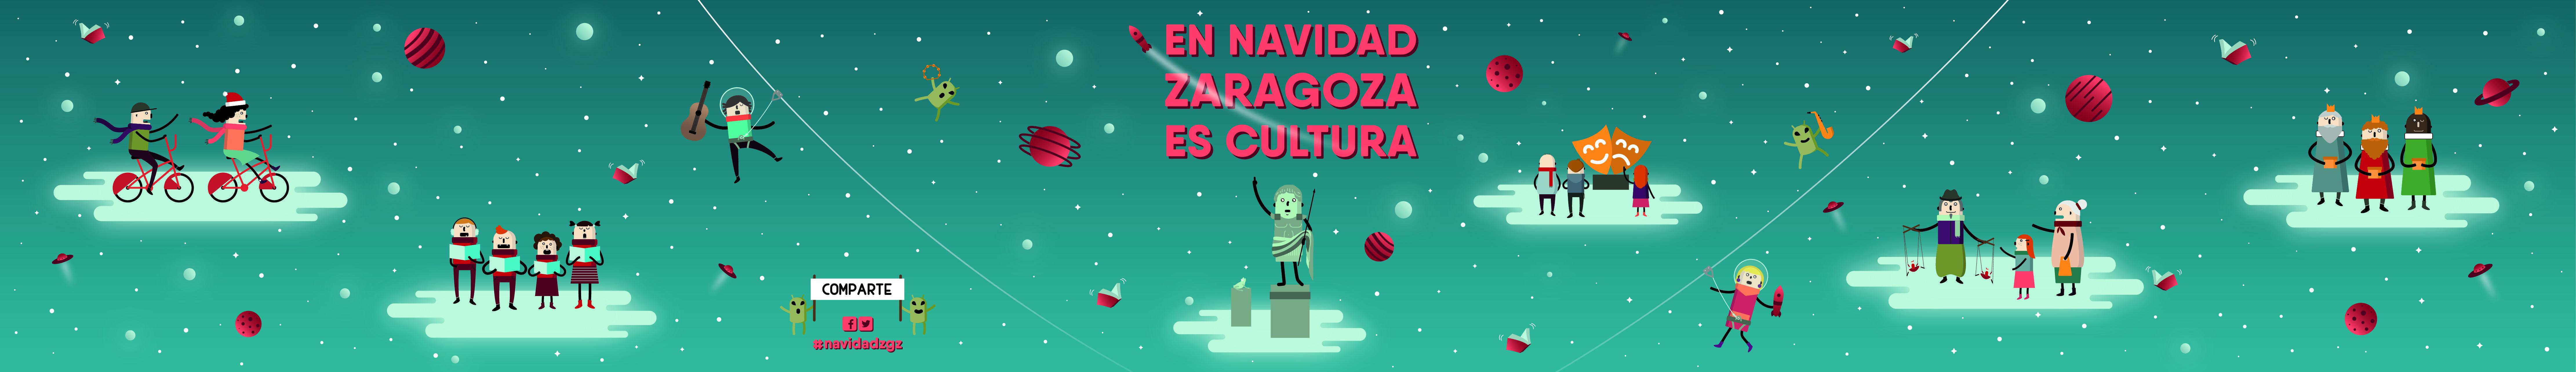 Navidad Zaragoza 2016: